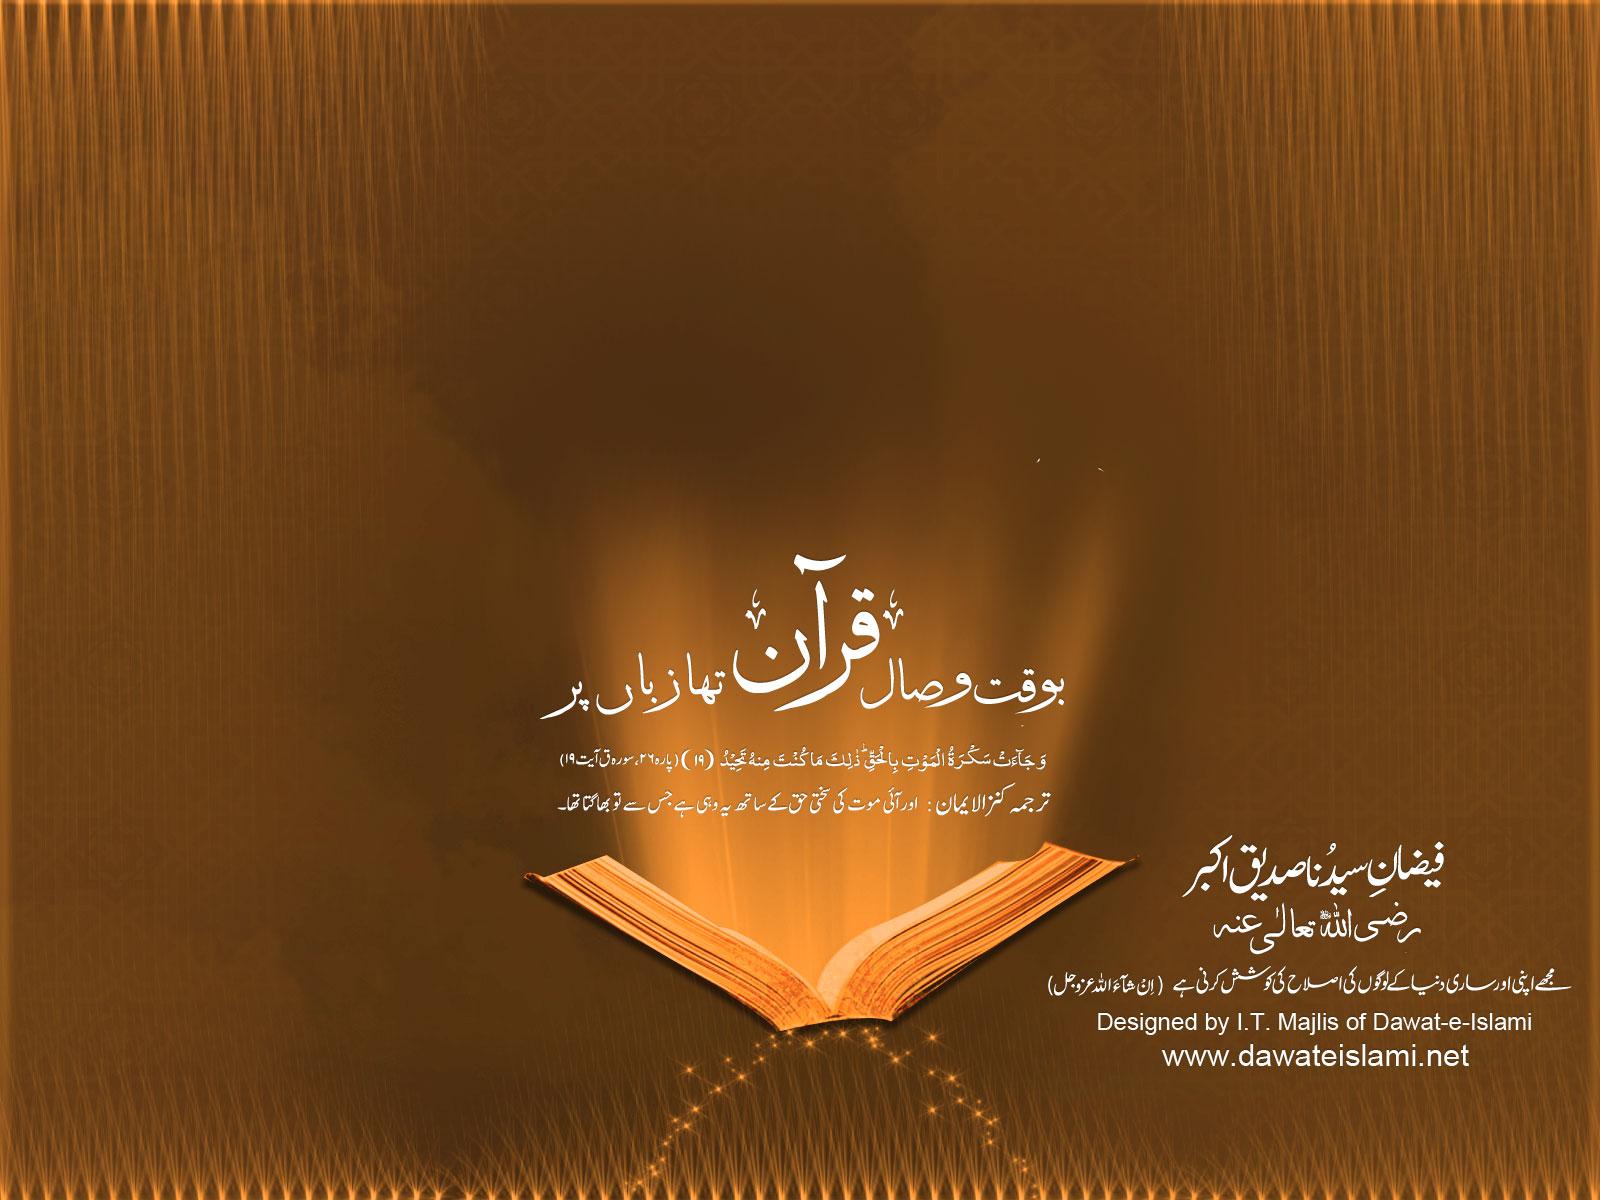 http://4.bp.blogspot.com/-Fyo_R2crt4Q/T_aINKrJ9oI/AAAAAAAAAHg/kGvB8KczBag/s1600/faizan_e_siddique_e_akbar_wallpaper_dawateislami_2.jpg